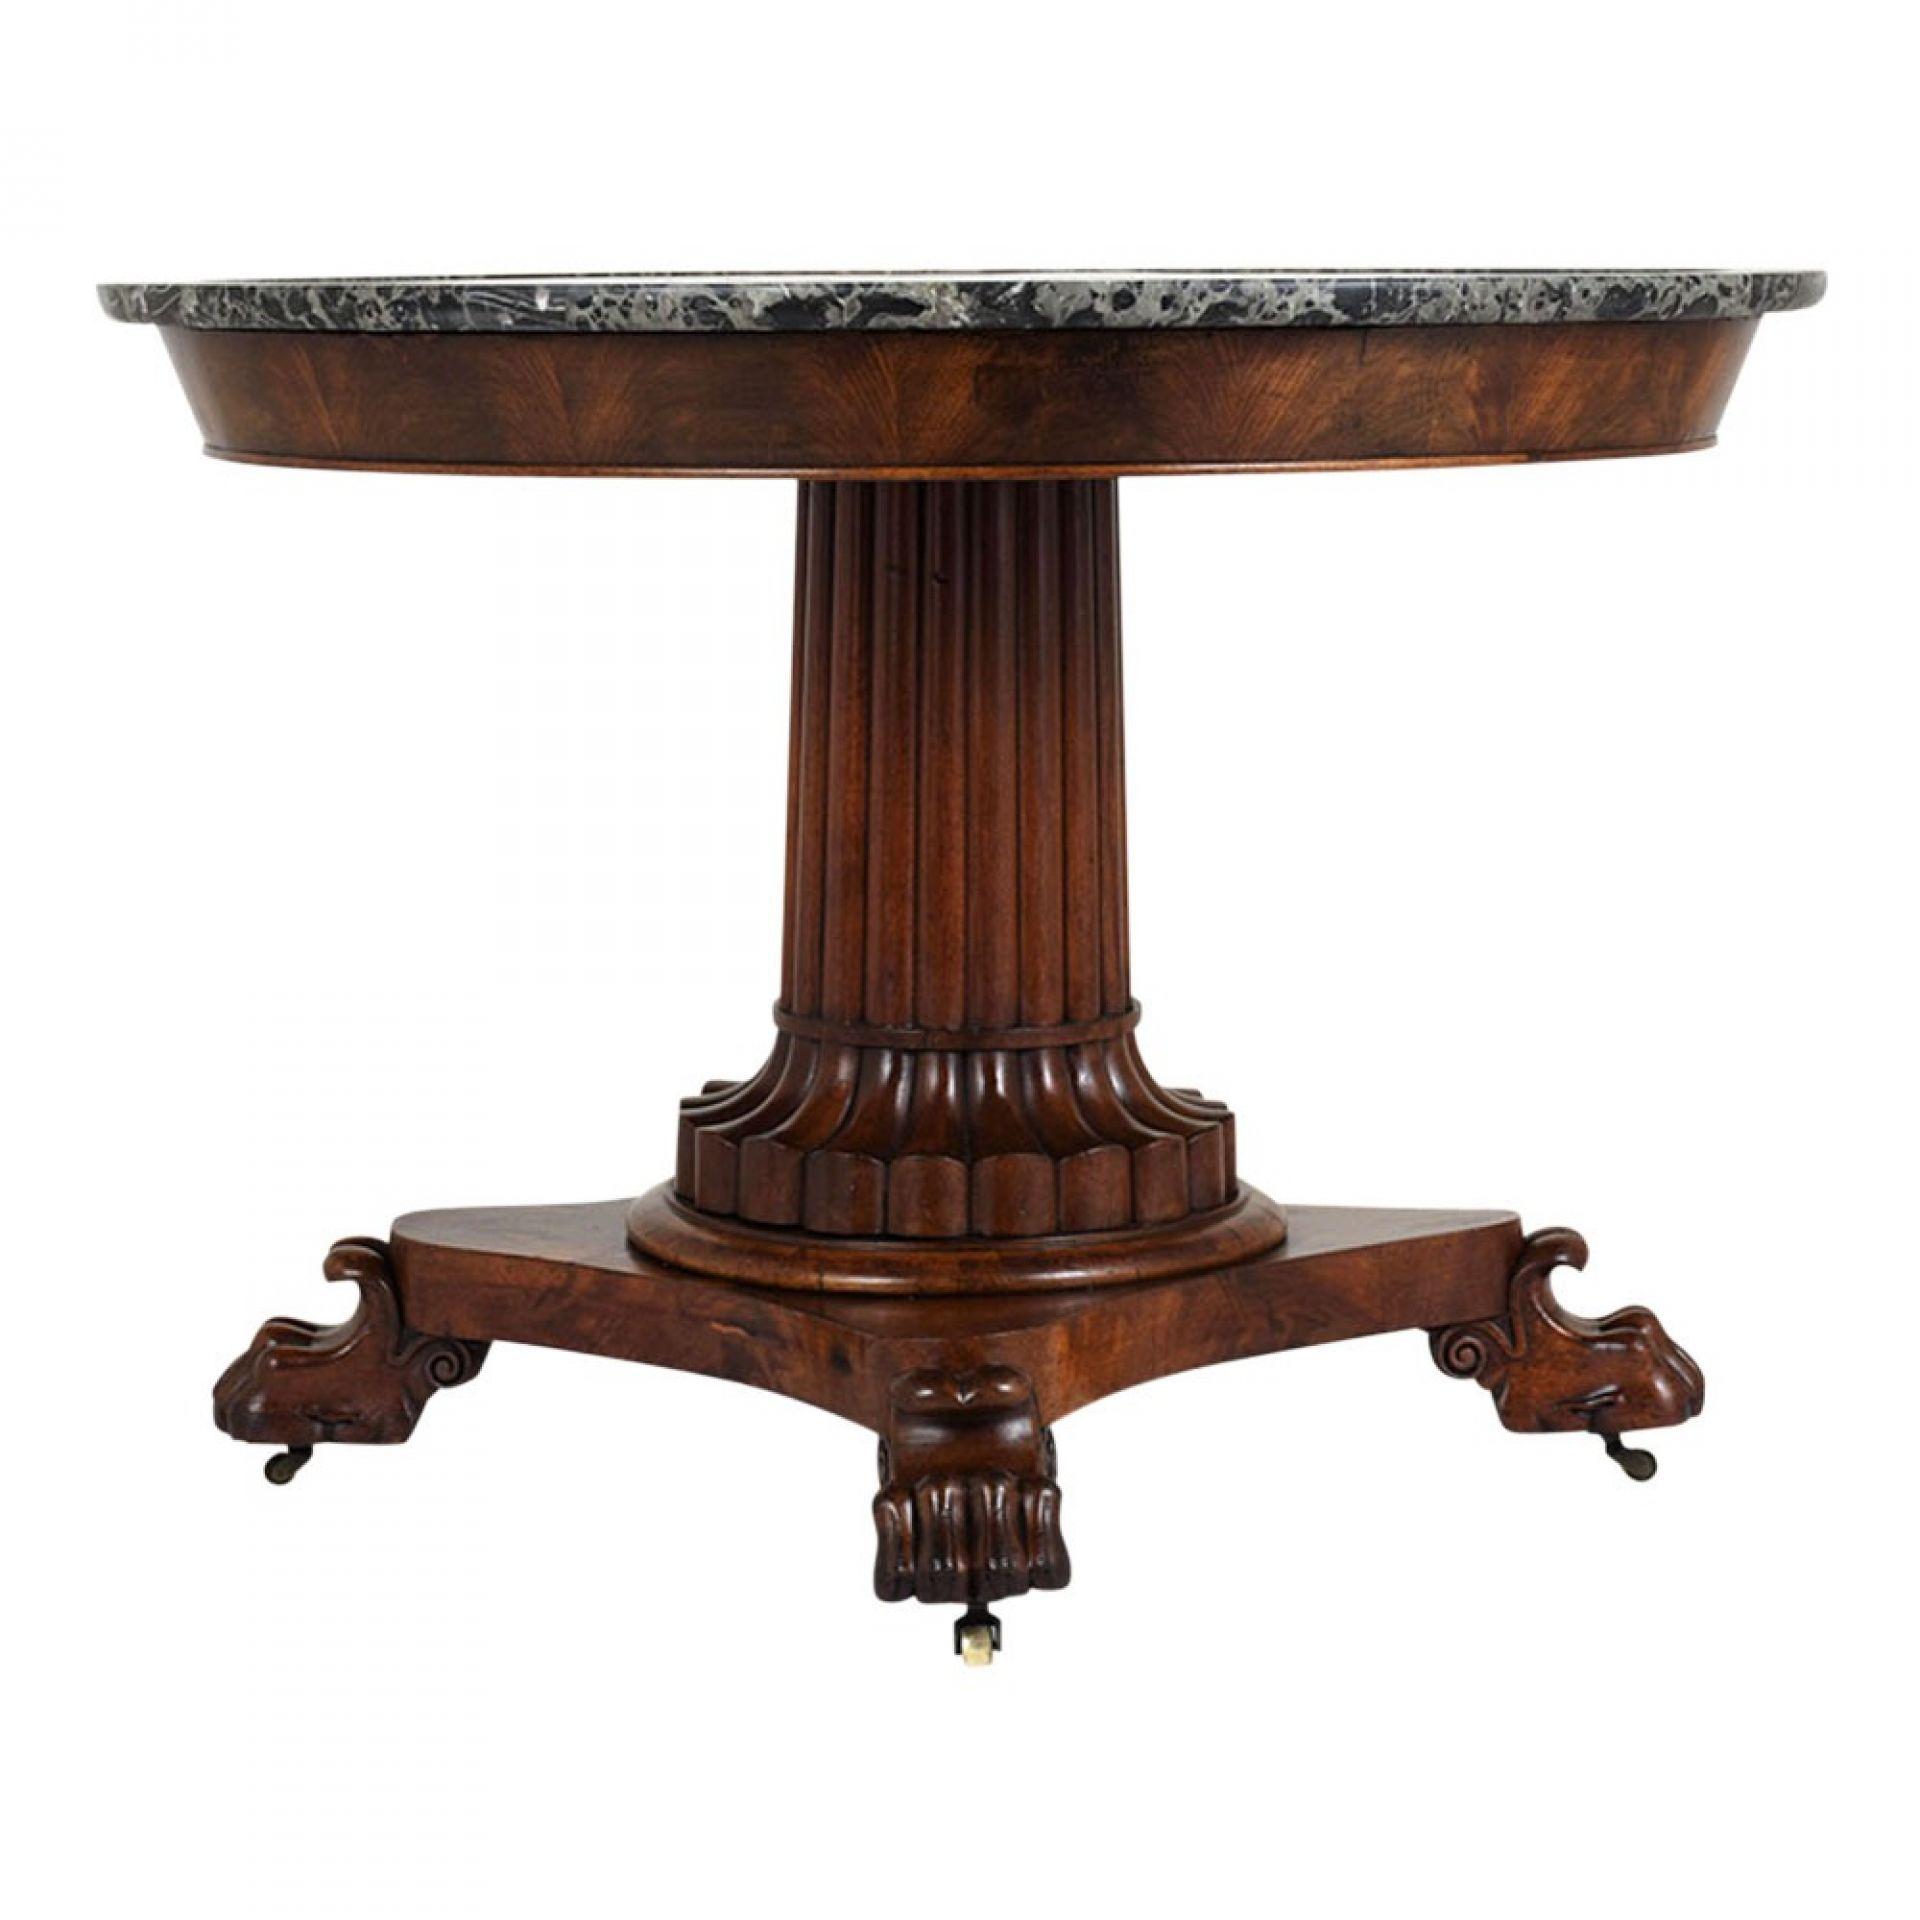 Circa 1840's Mahogany Empire Center Table